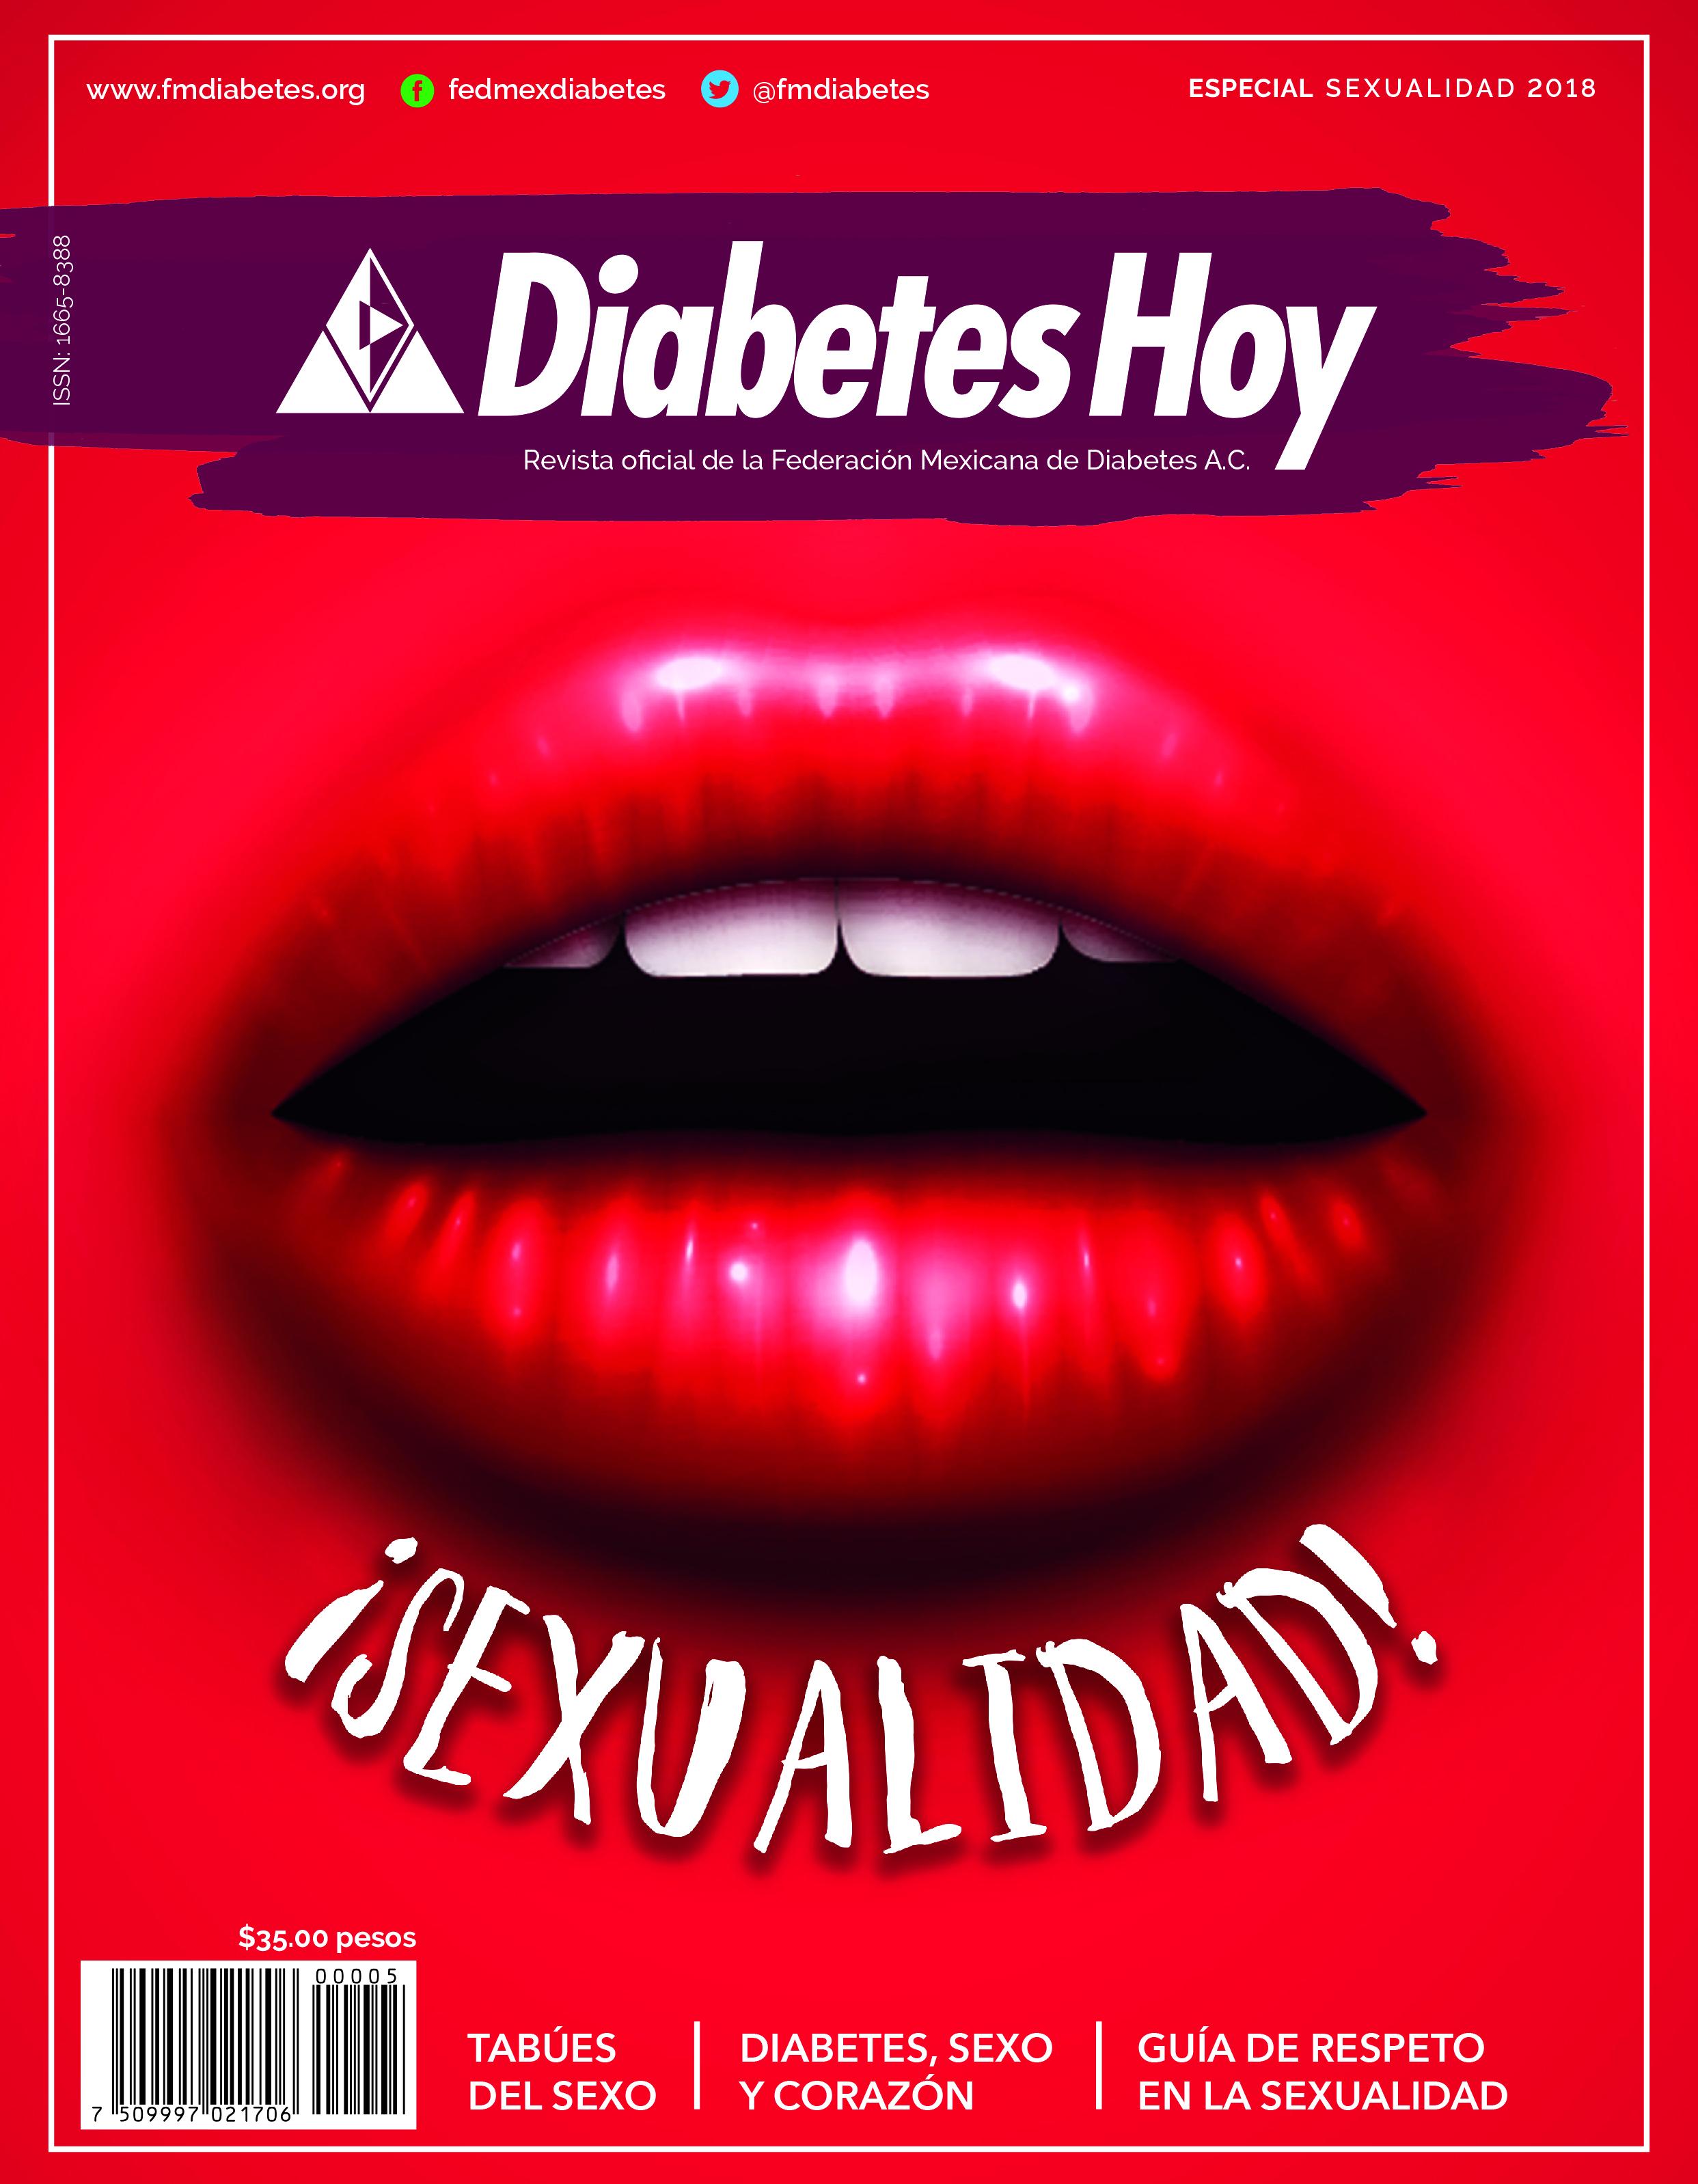 Revista Diabetes Hoy edición especial: Especial Sexualidad 2018